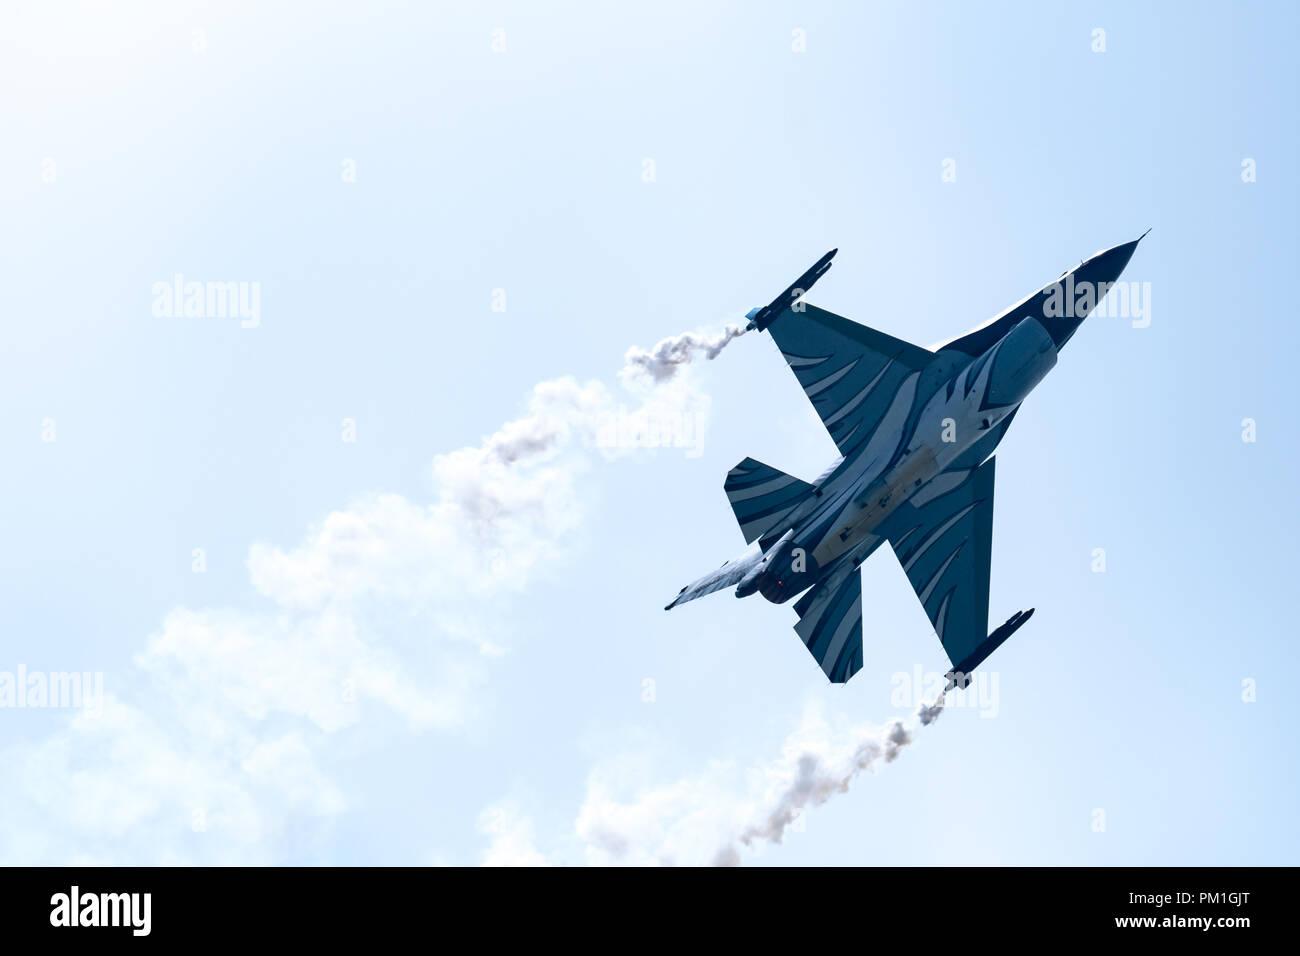 TELFORD, Royaume-Uni, 10 juin 2018 - Une photographie documentant la Force Aérienne Belge F-16 Fighting Falcon s'affichent dans le ciel au-dessus de la RAF à Cosford Air Show Banque D'Images